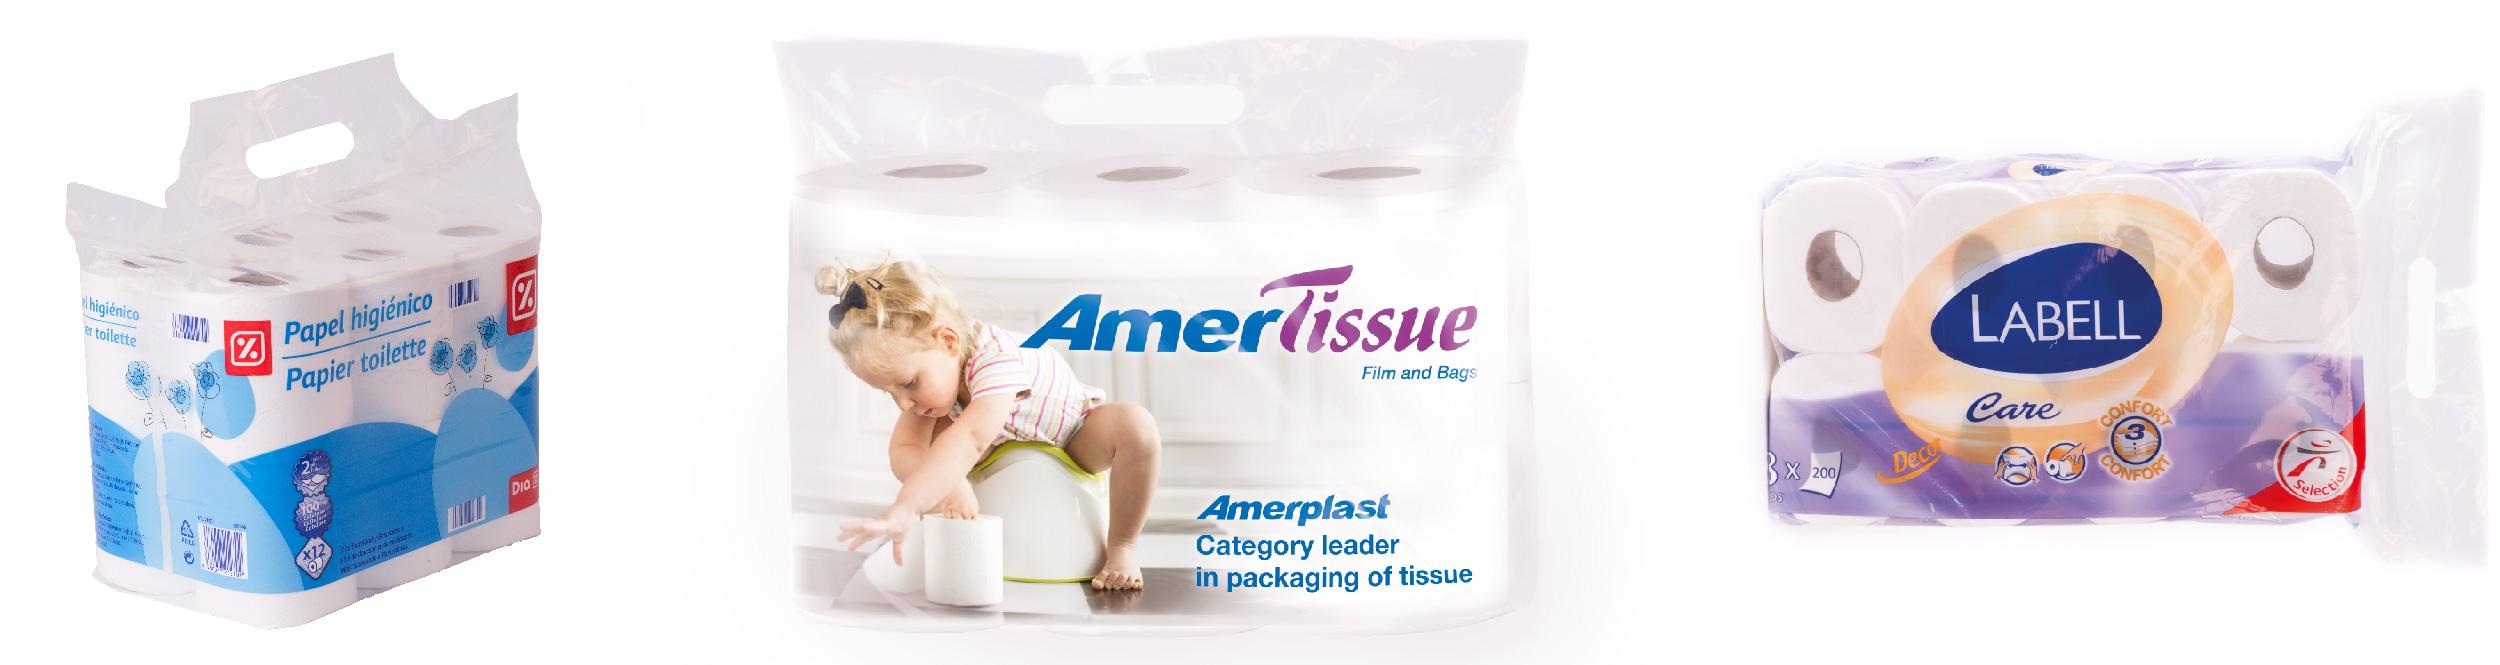 AmerTissue Bags